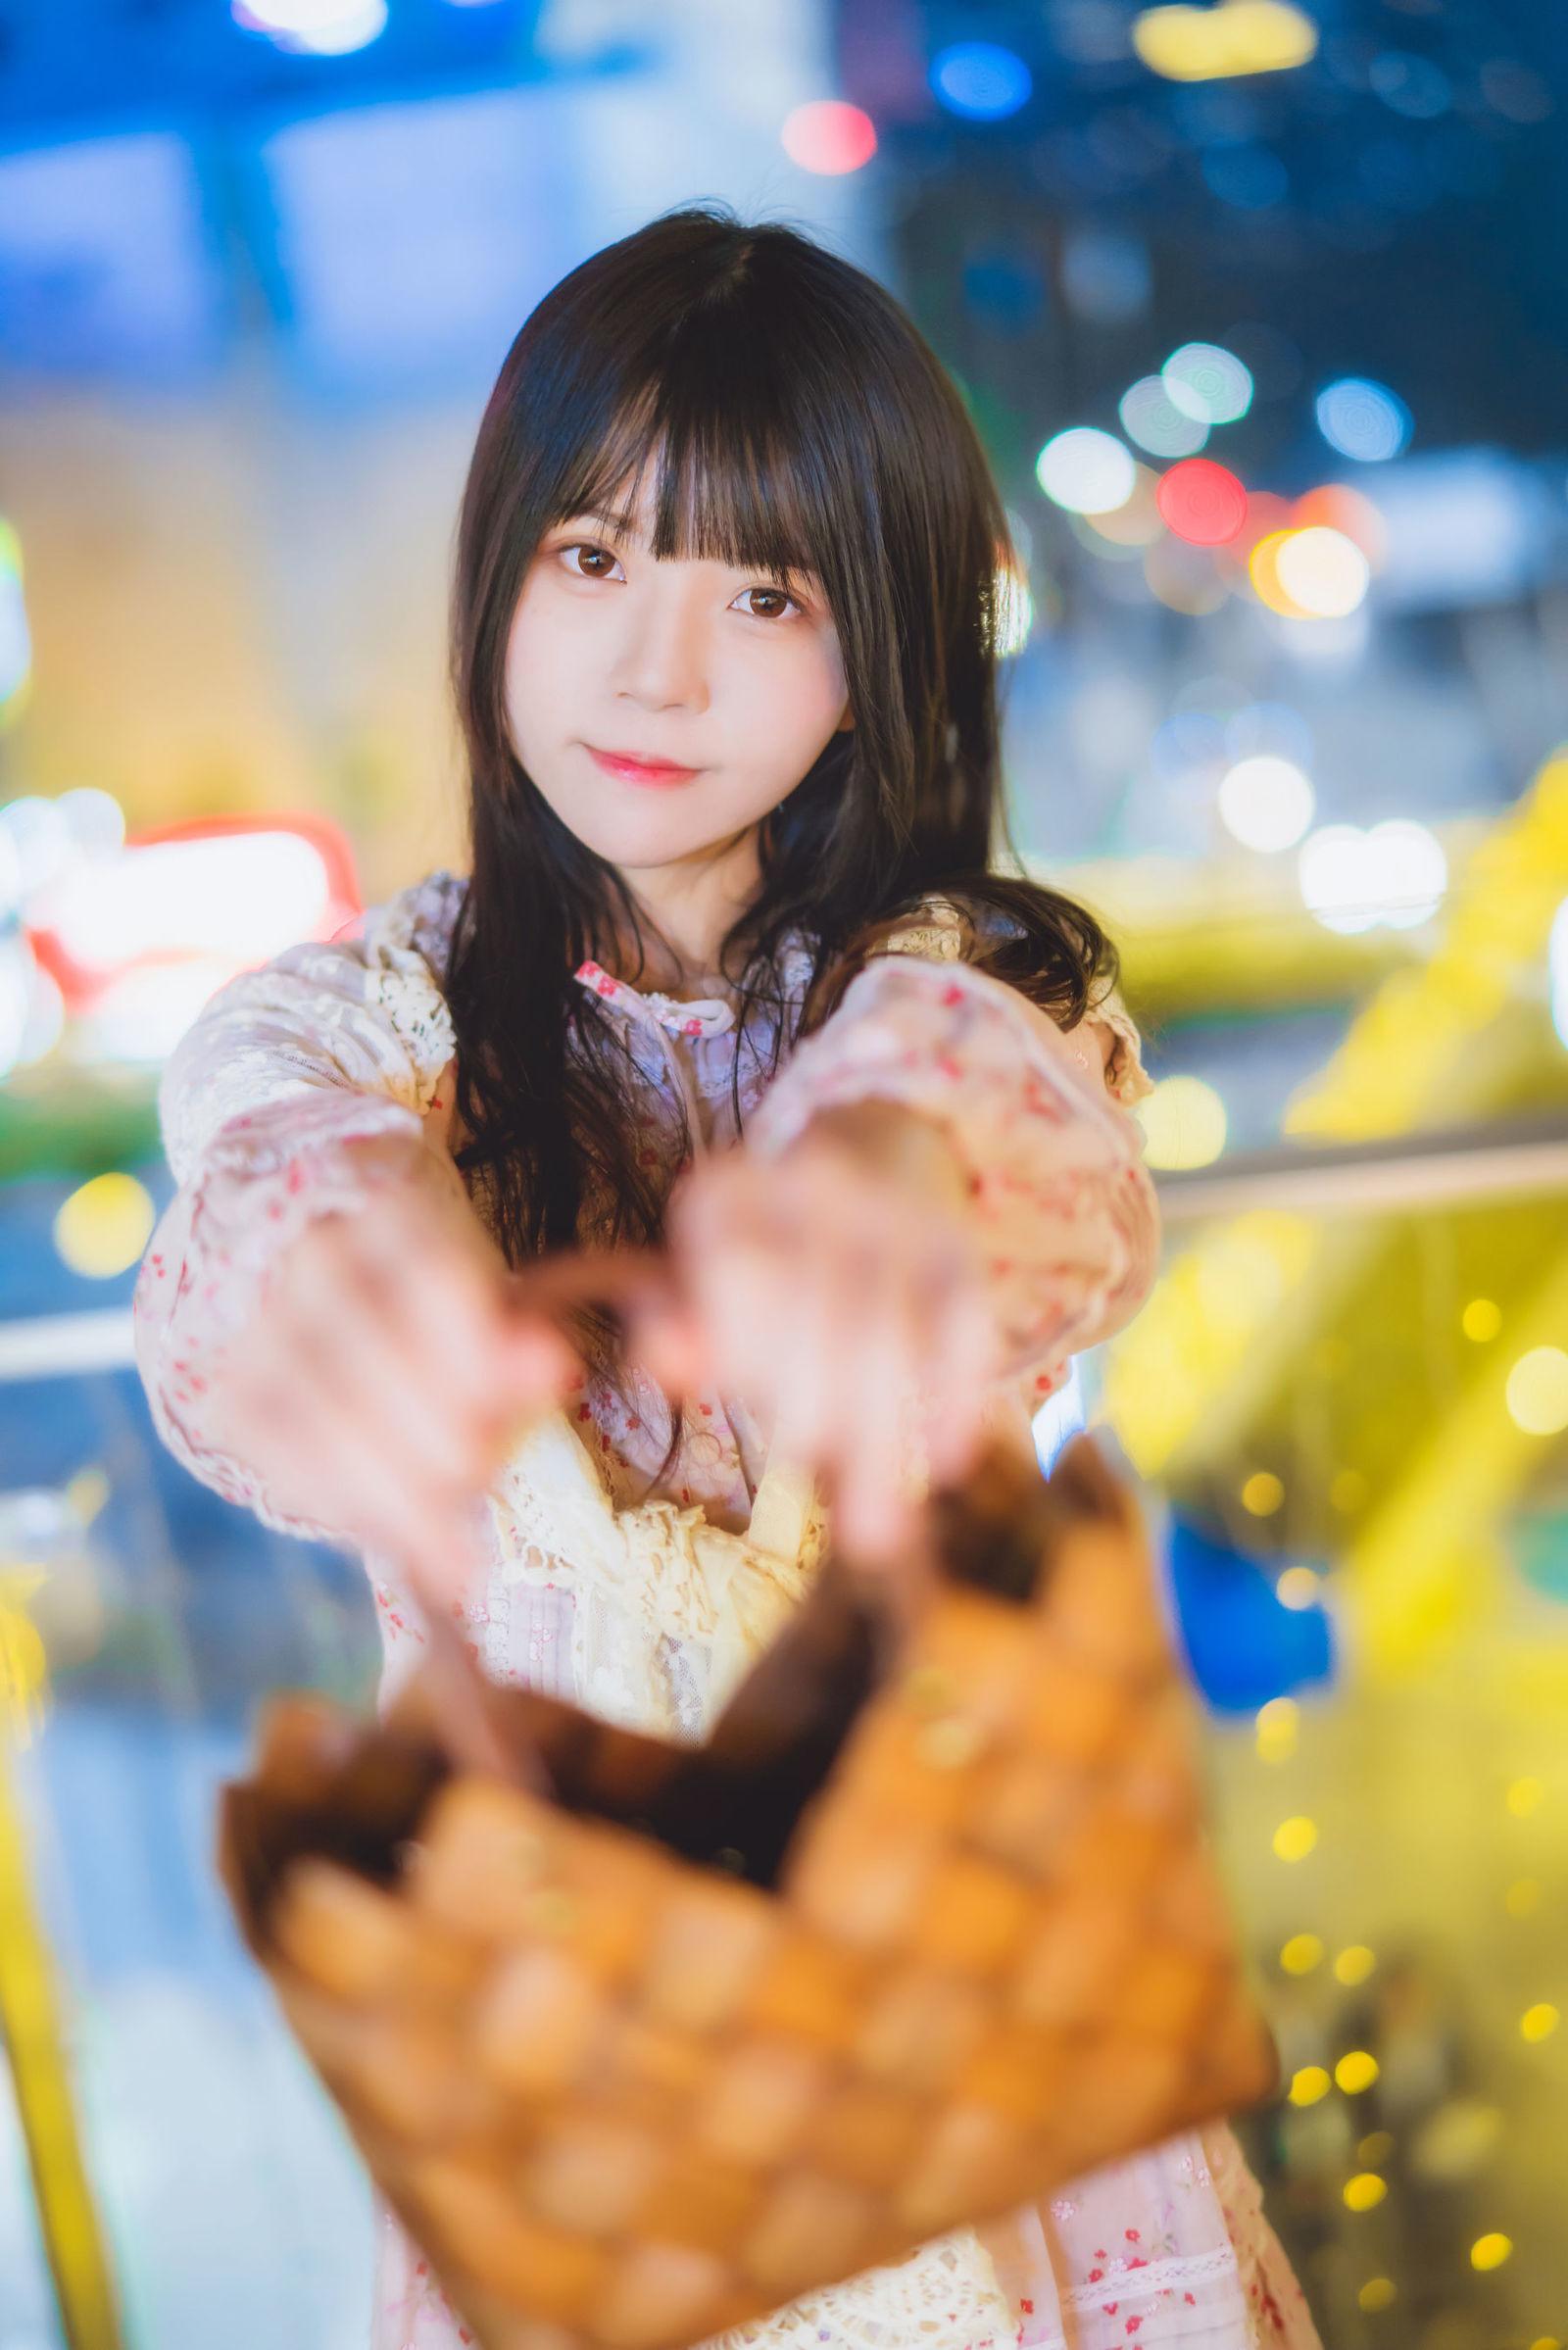 [网红COSER] 桜桃喵 – (小少女)小小少女COS系列  丝袜美图[103P]